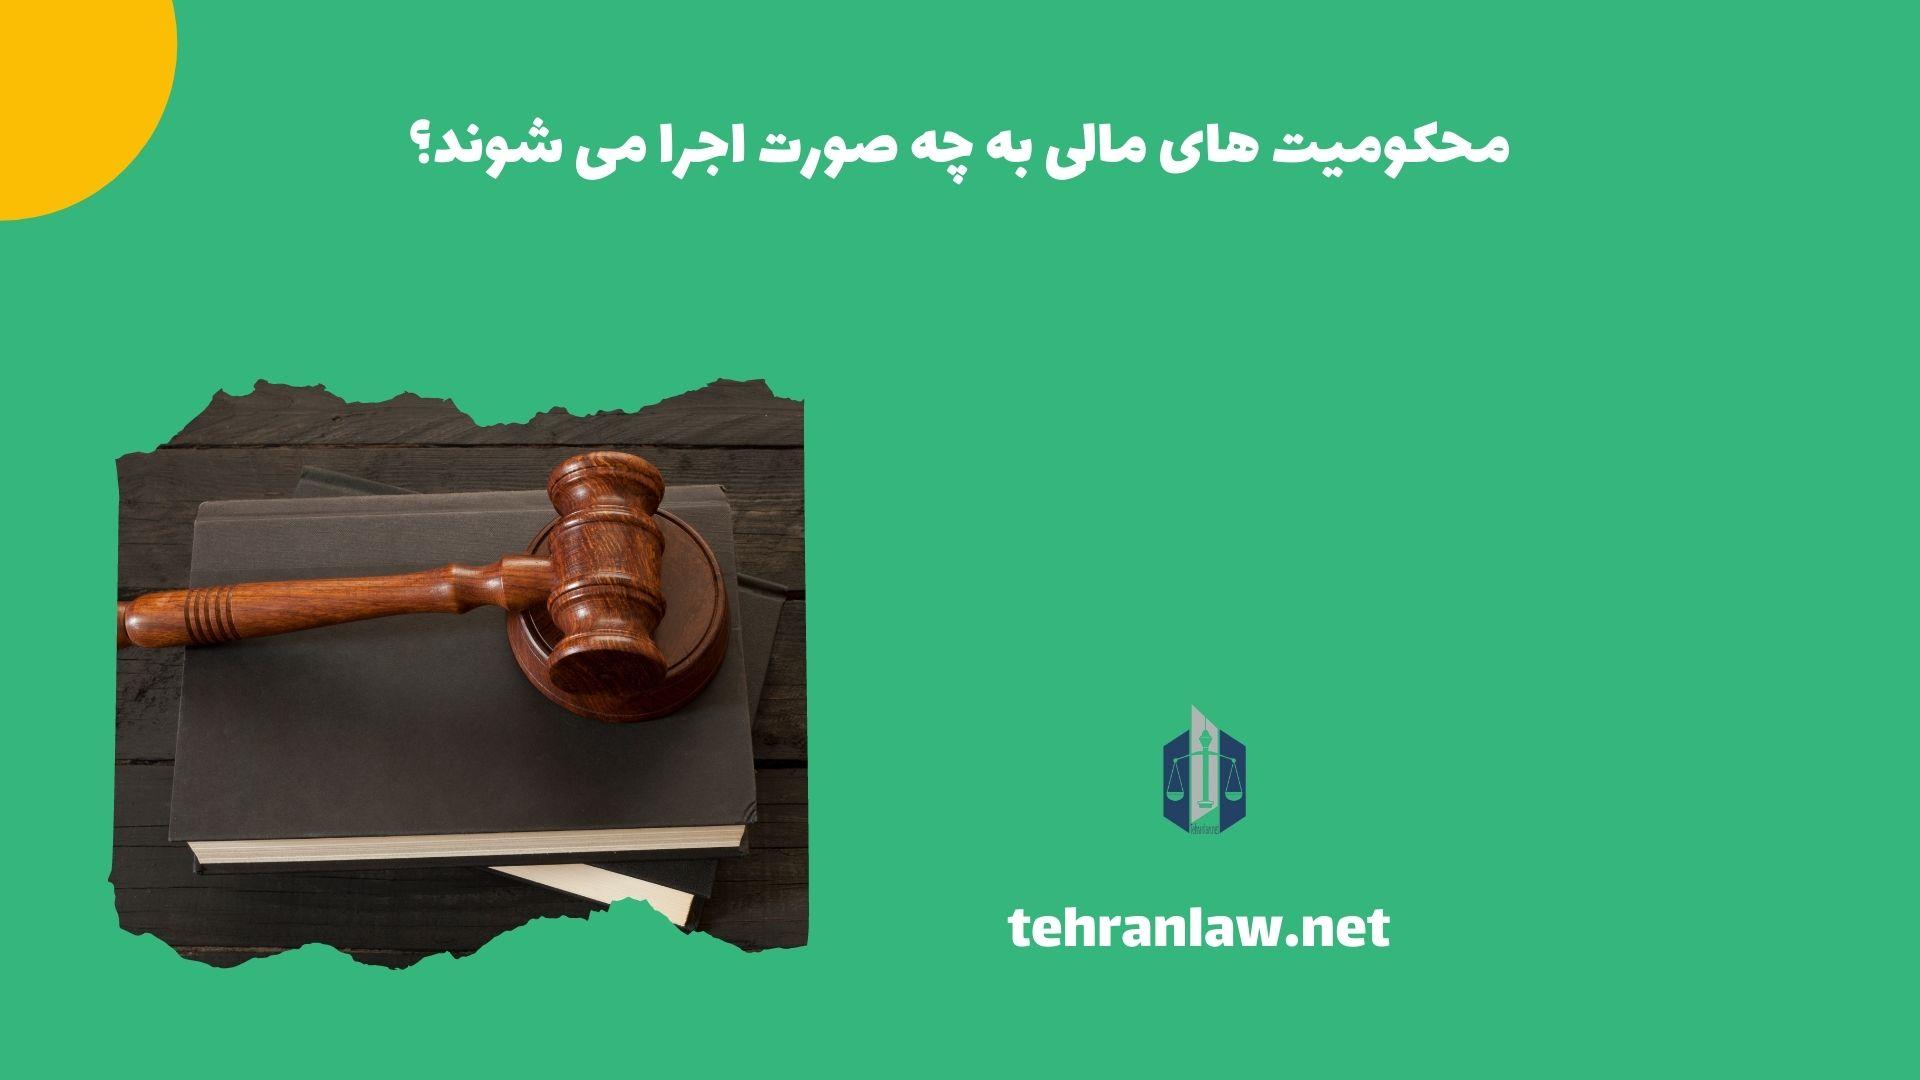 محکومیت های مالی به چه صورت اجرا می شوند؟